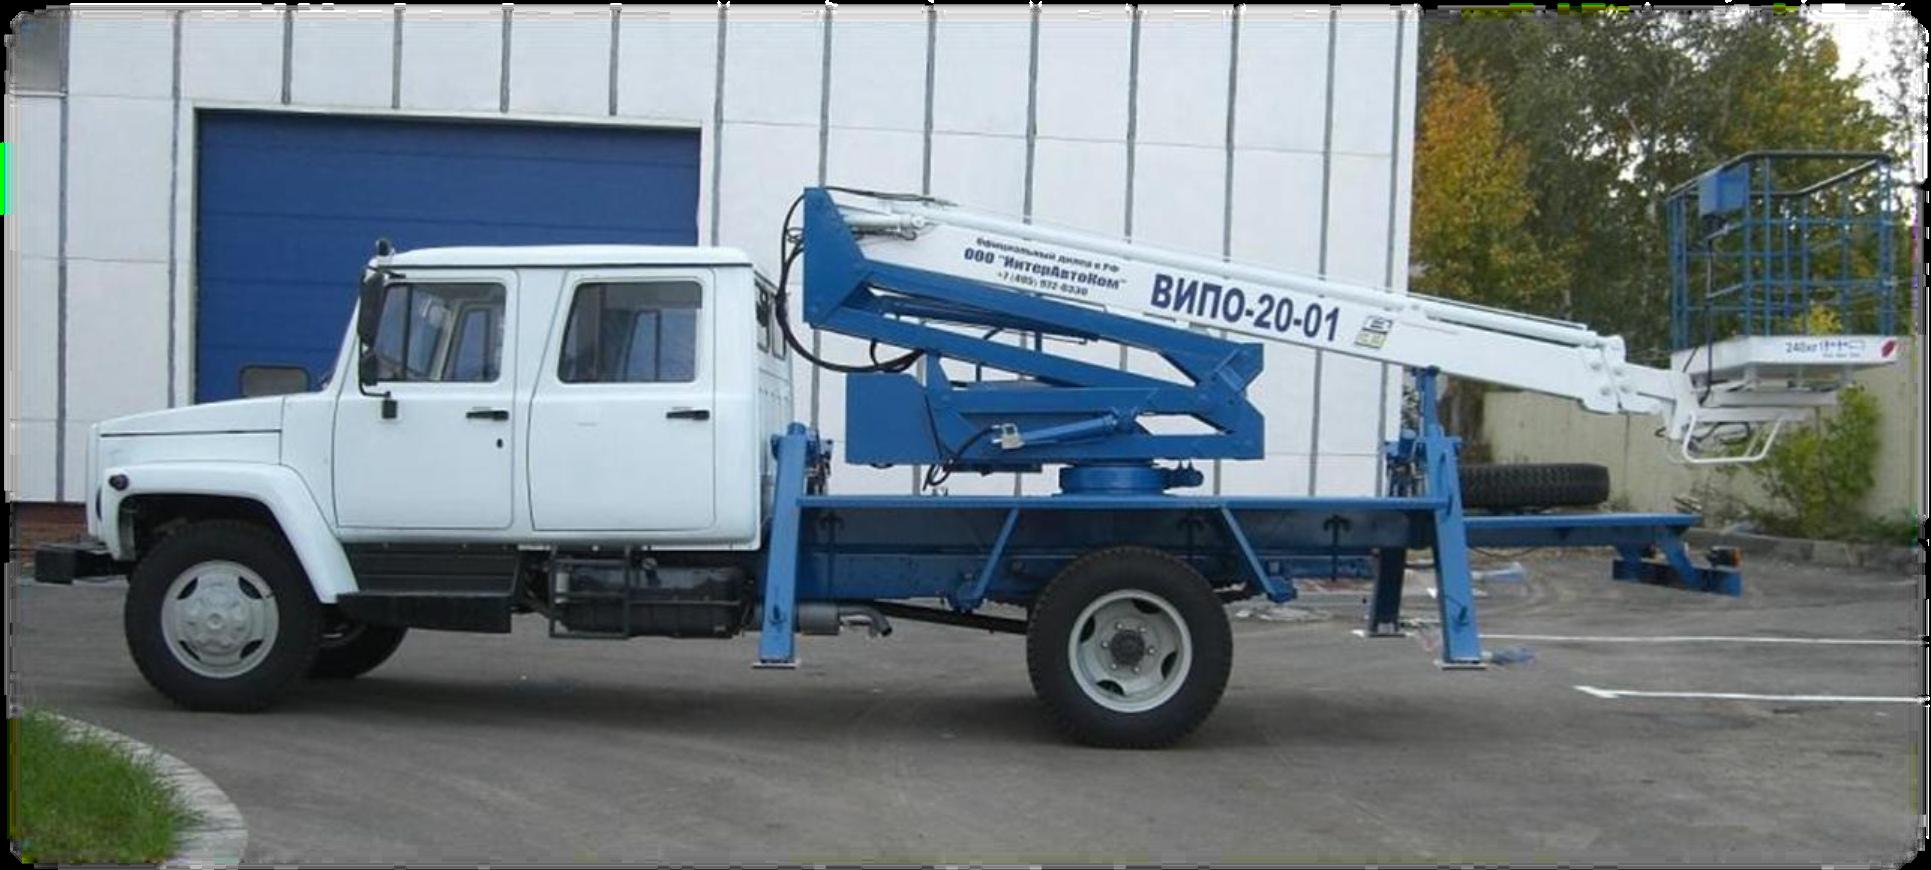 ГАЗ 3309 4х2 двухрядная пятиместная кабиной